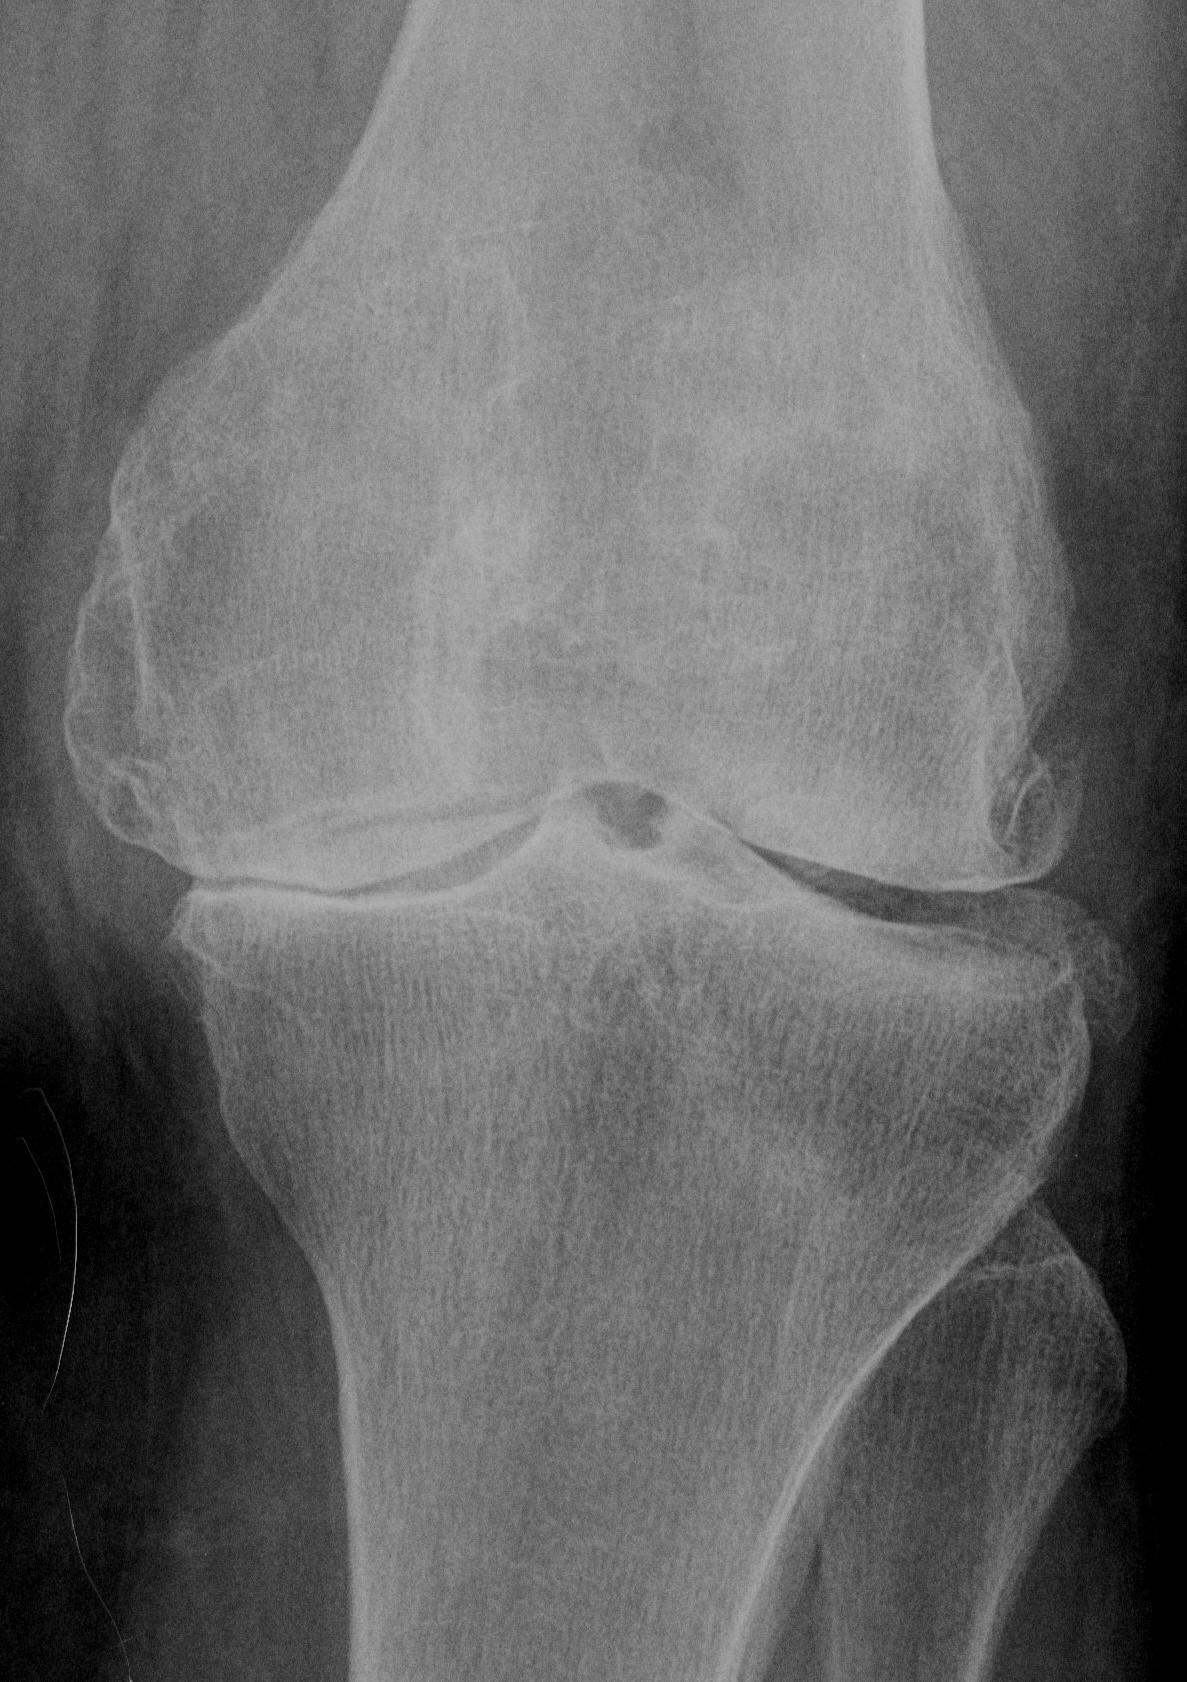 Artrosi del ginocchio - immagine x testo - 04